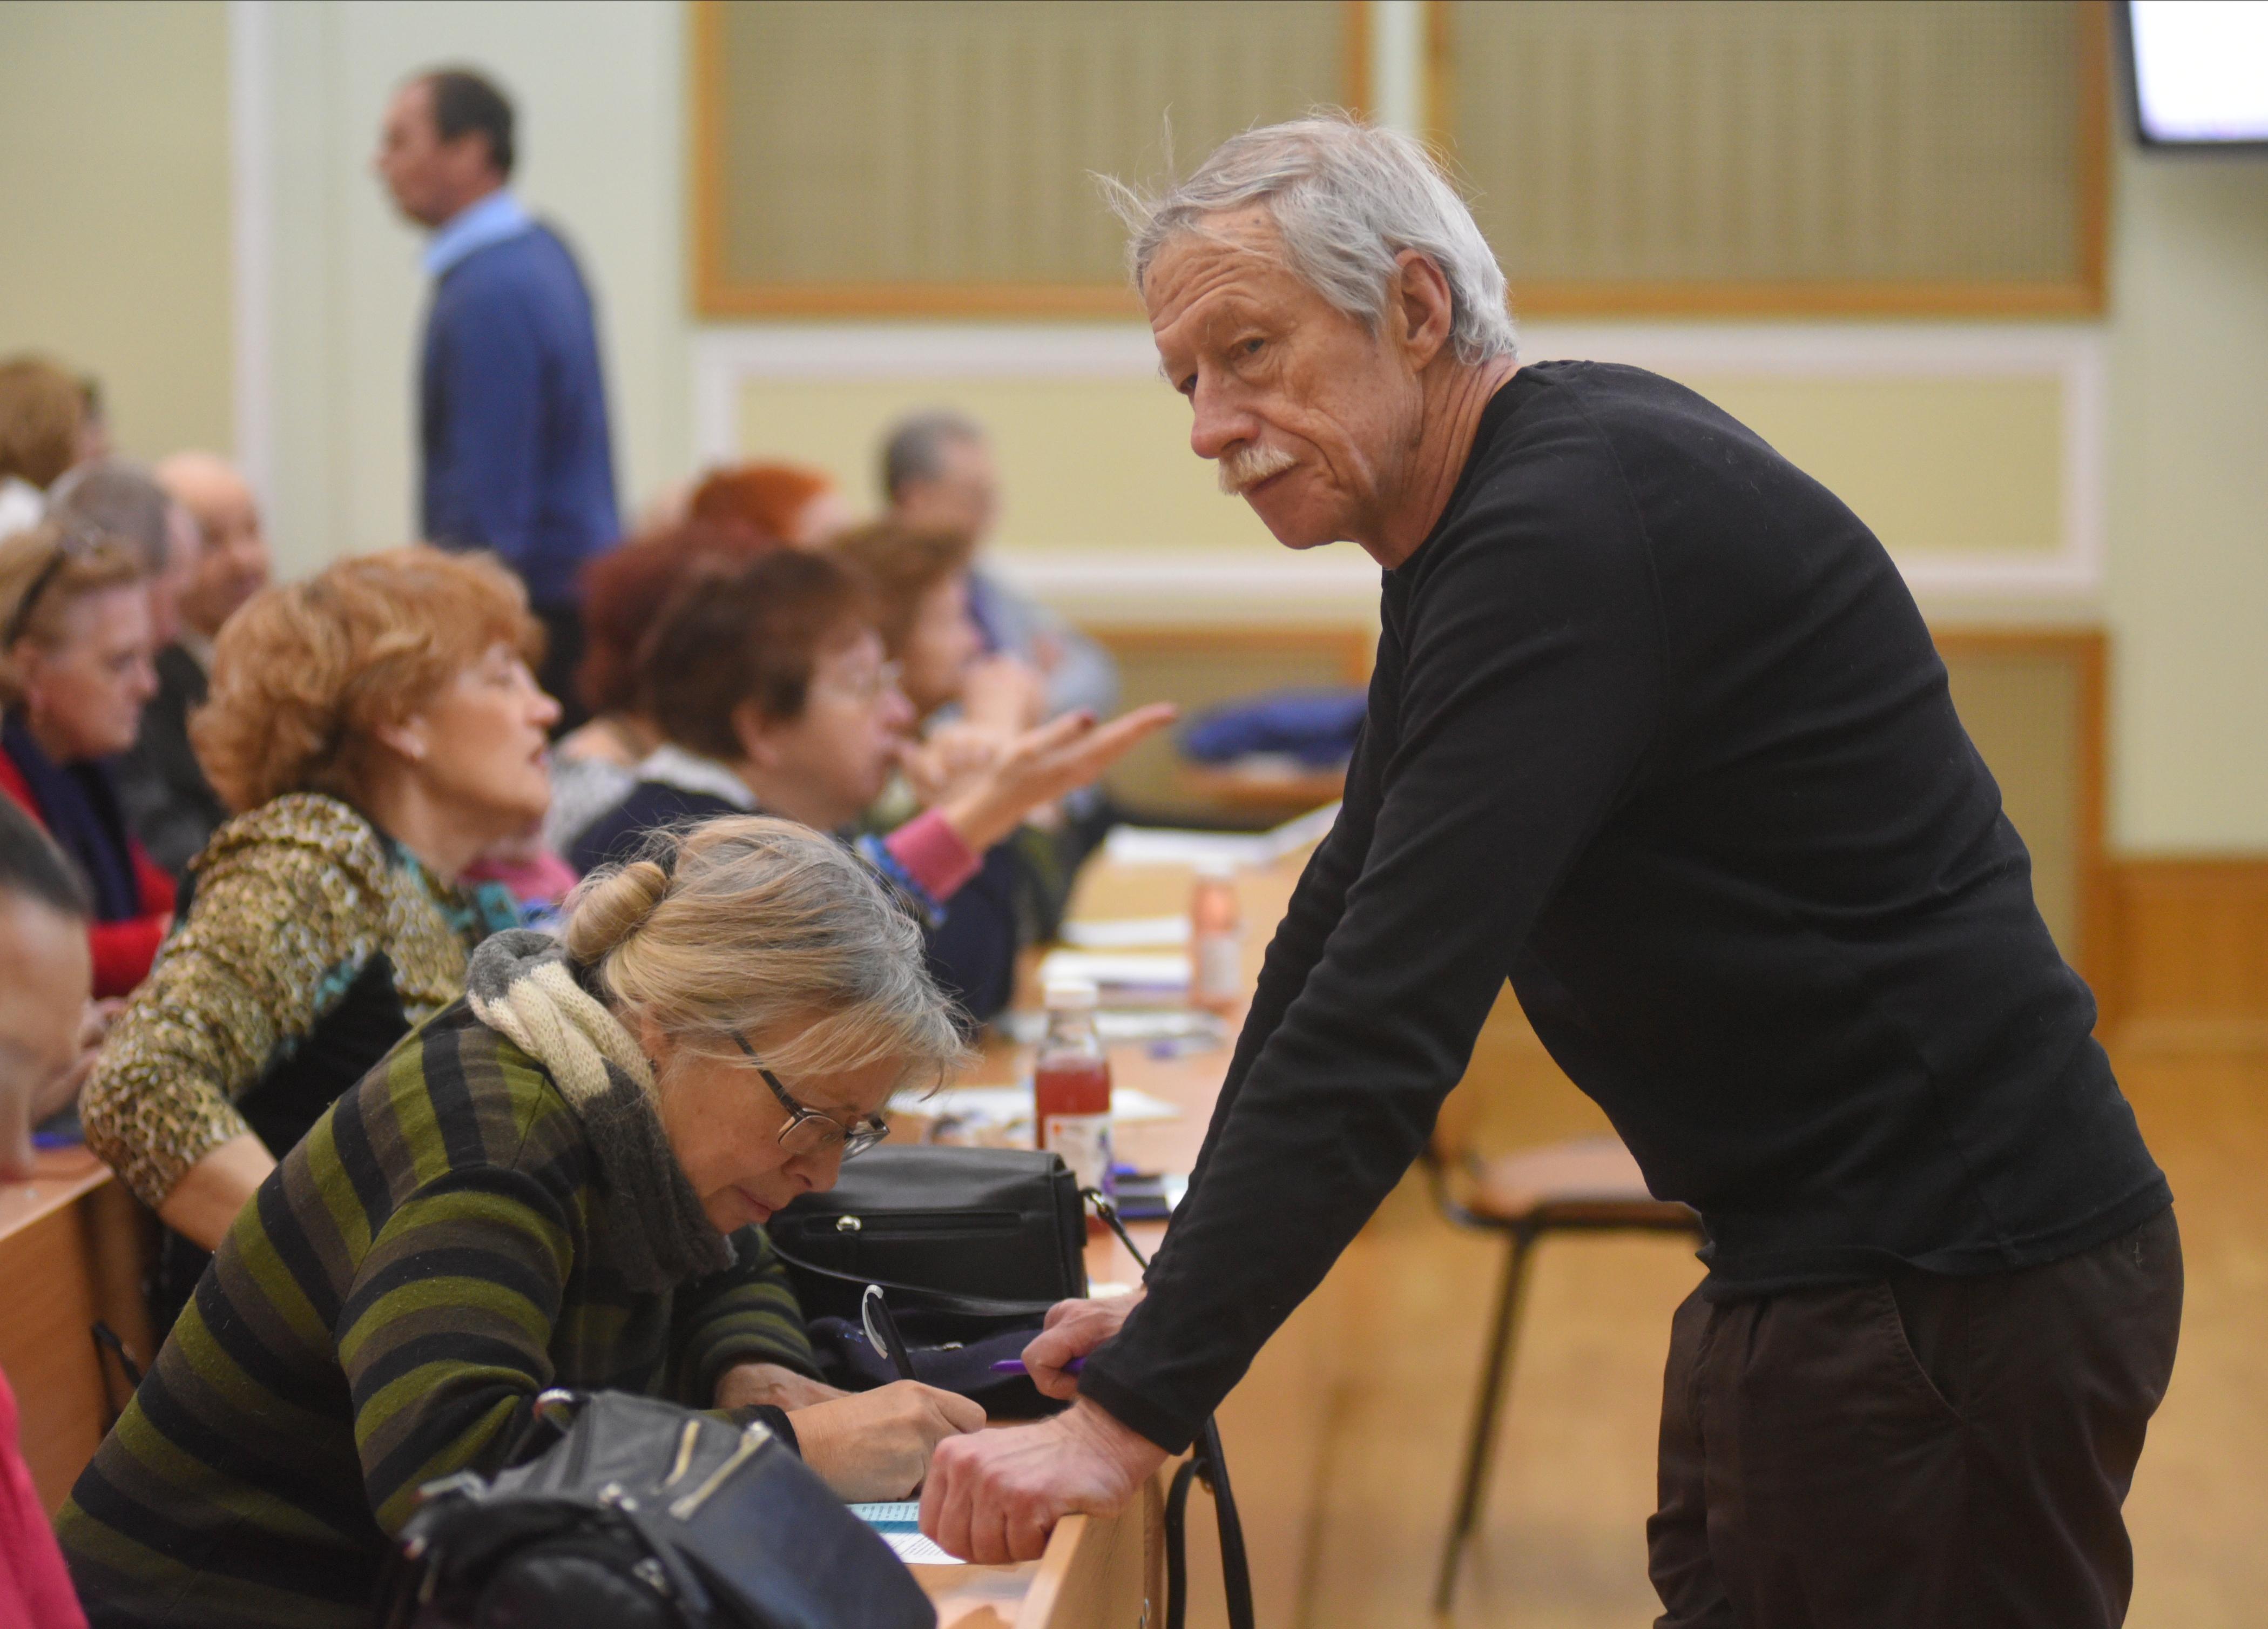 Когнитивный тренинг проведут для старшего поколения на базе ЦСО «Троицкий»